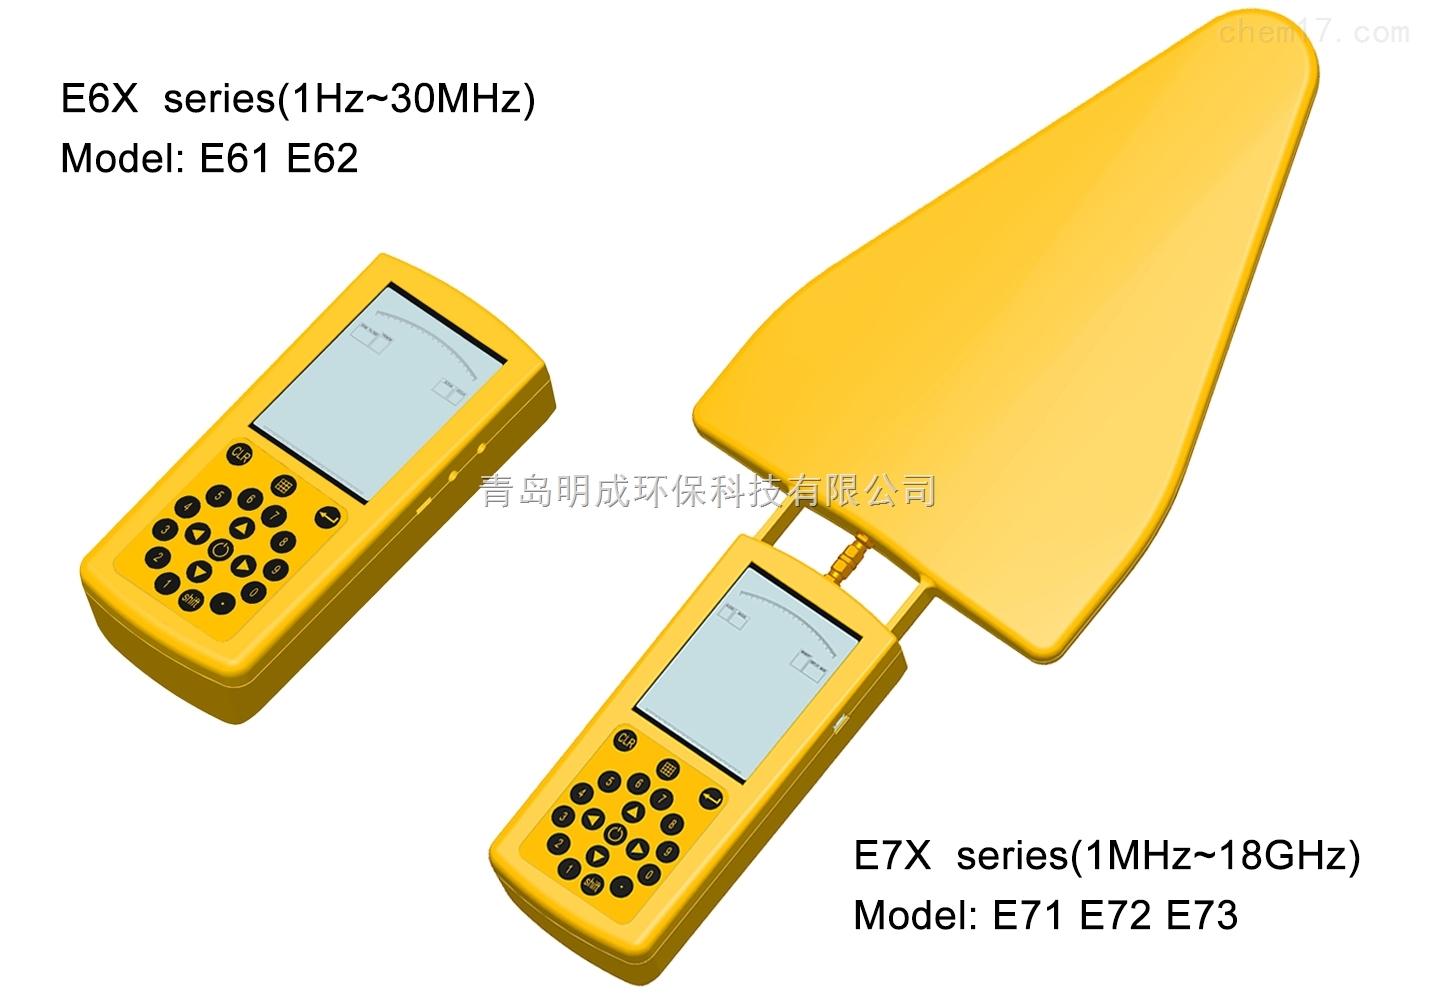 德柯雷 E6XE7X系列电磁场强度频谱分析仪